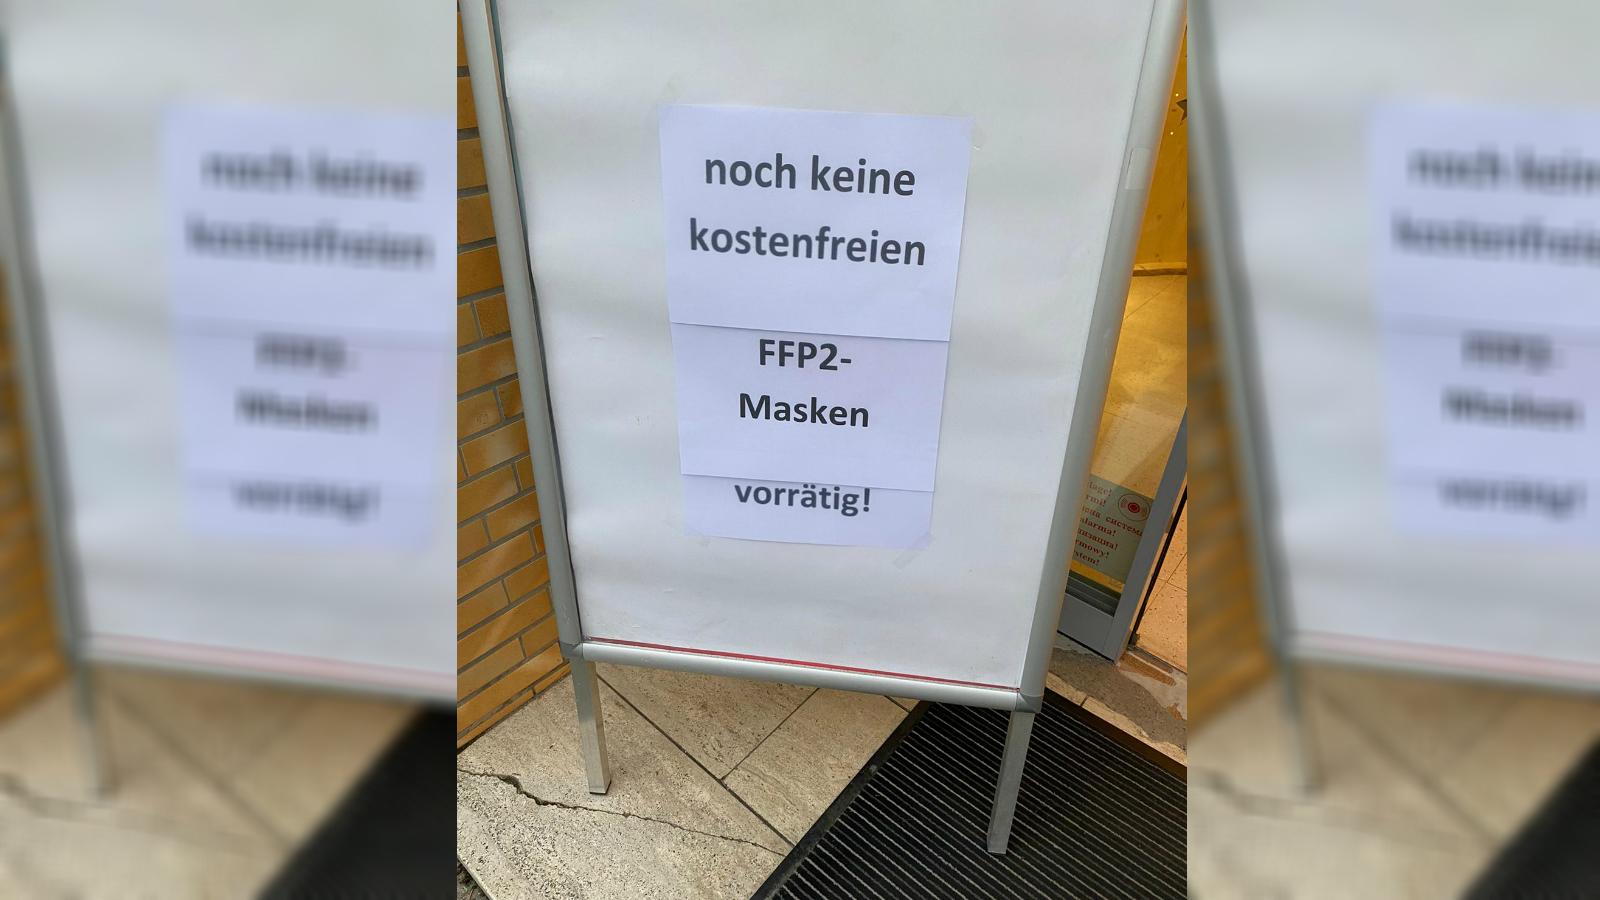 Bayern: Gratismasken für Bedürftige   APOTHEKE ADHOC